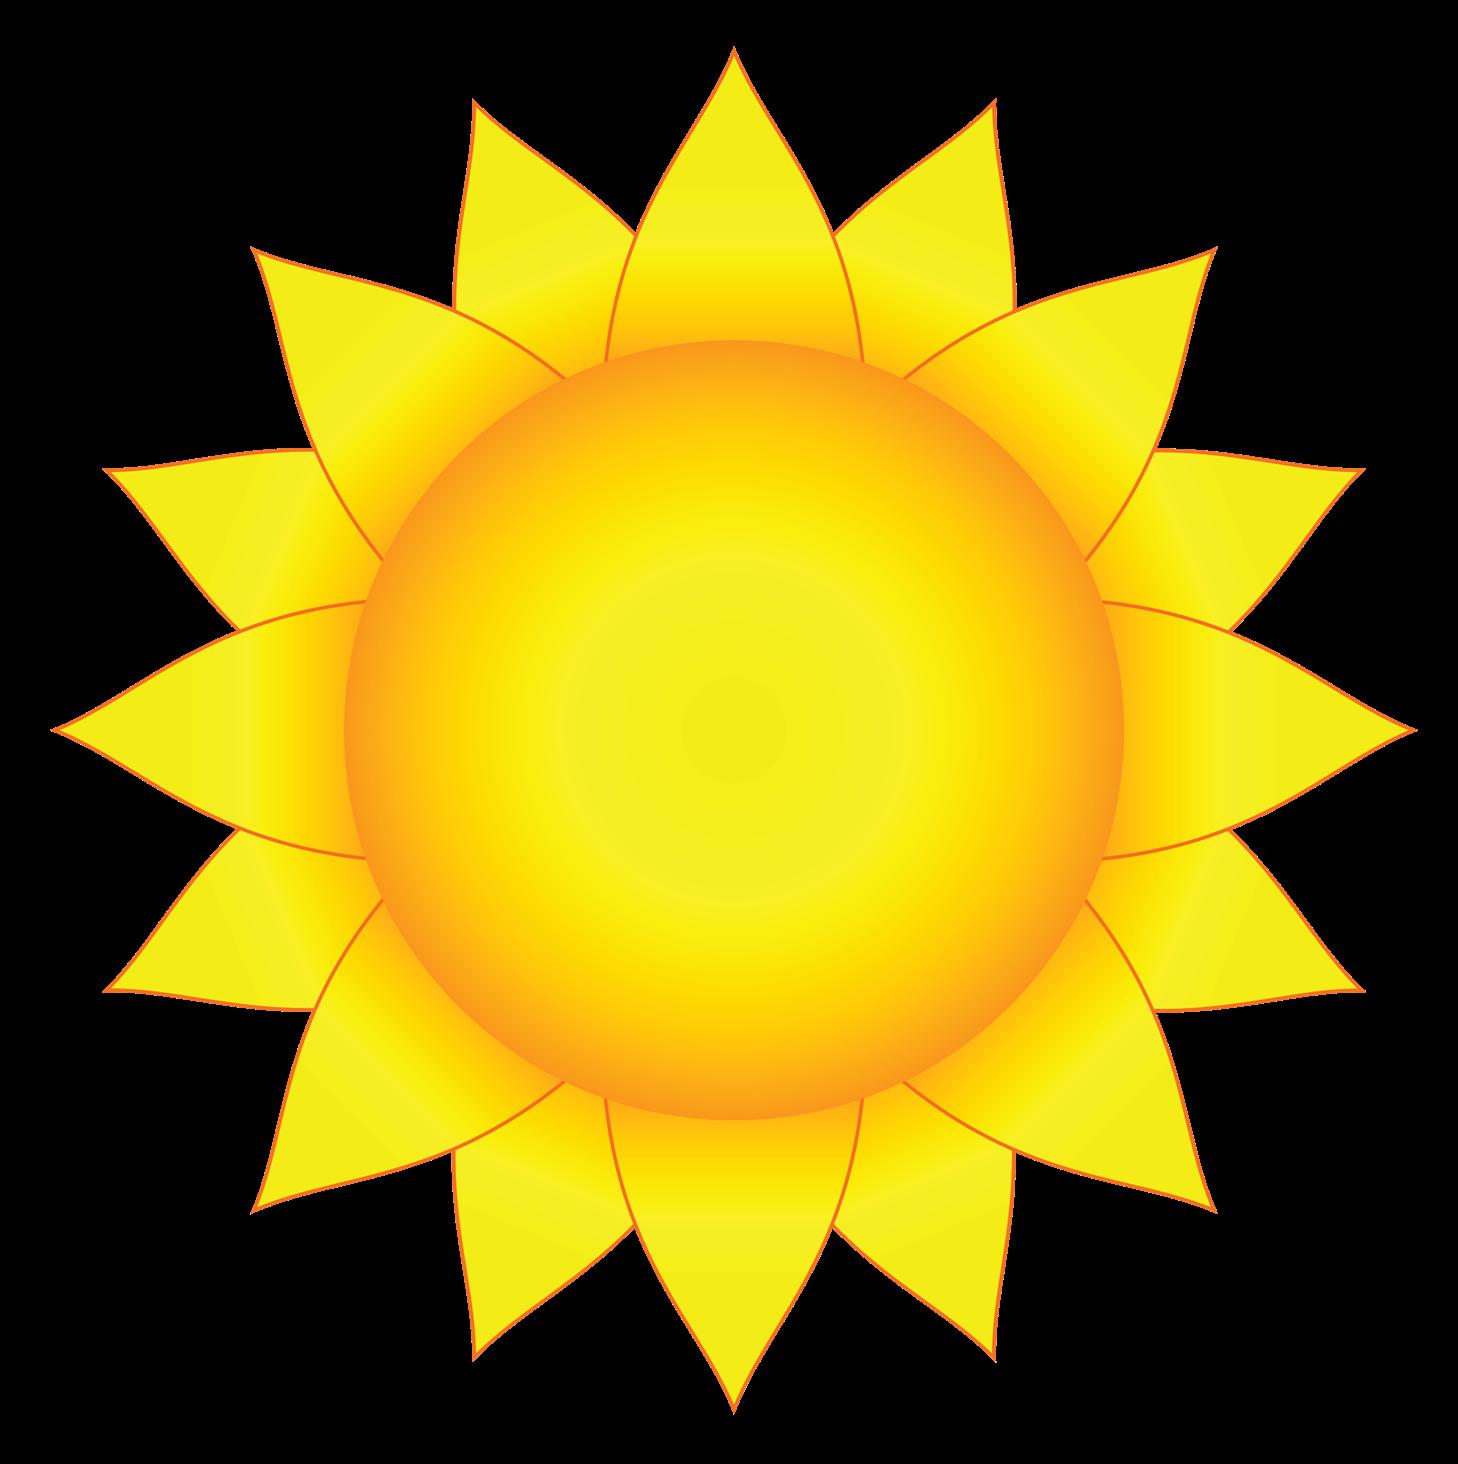 солнышко картинки для вырезания цветные звонят